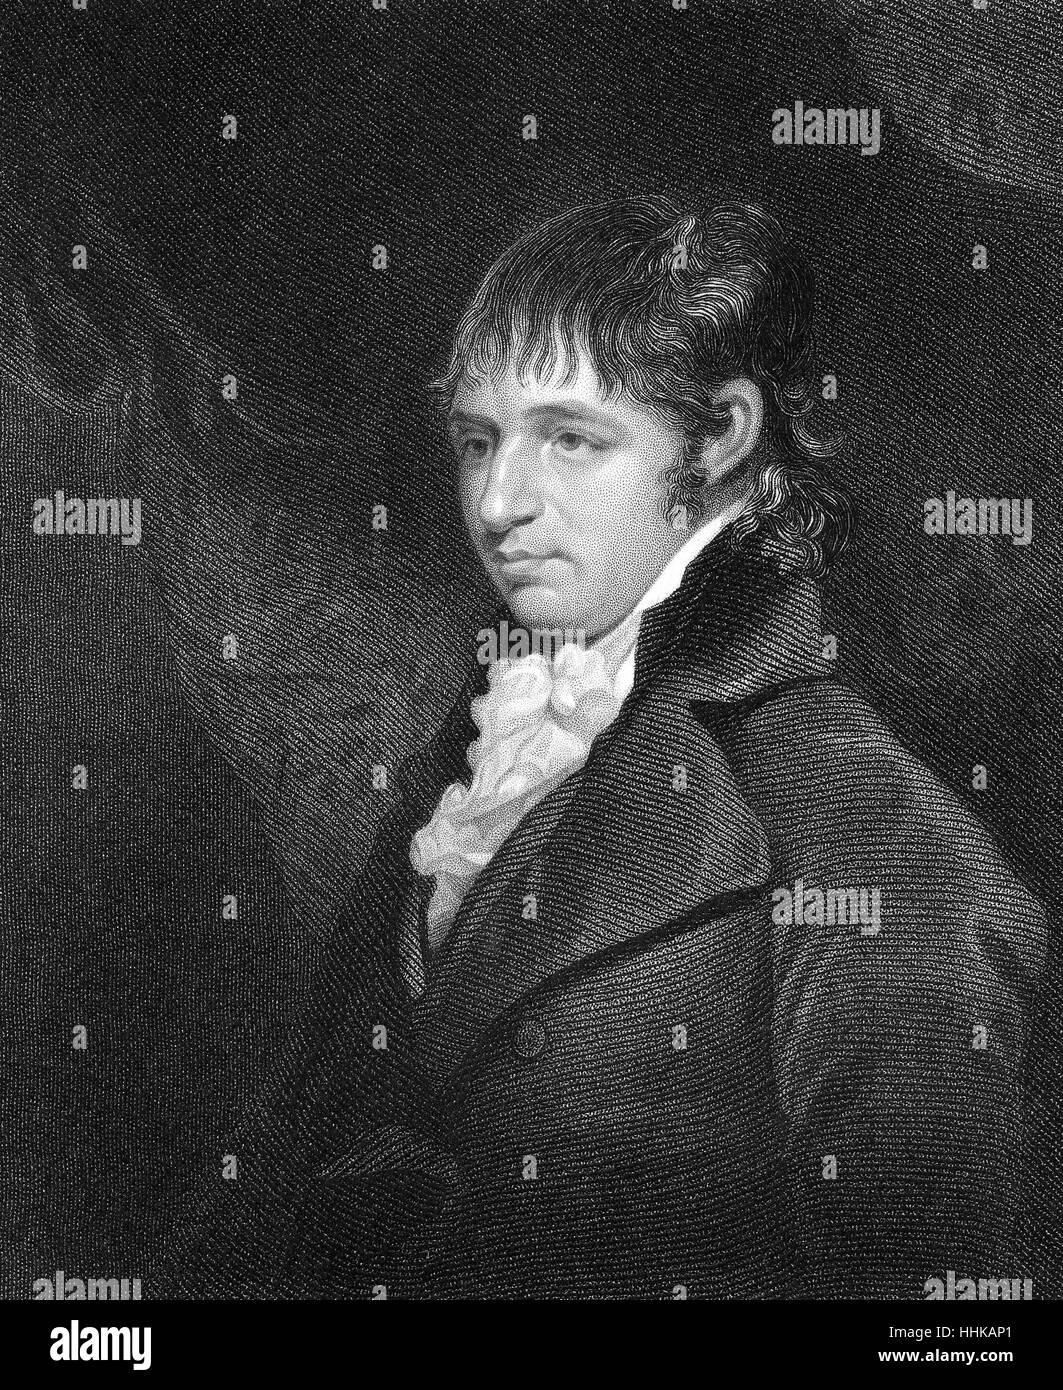 Richard Porson, 1759-1808, an English classical scholar, Richard Porson, 1759-1808, ein britischer Klassischer Philologe - Stock Image